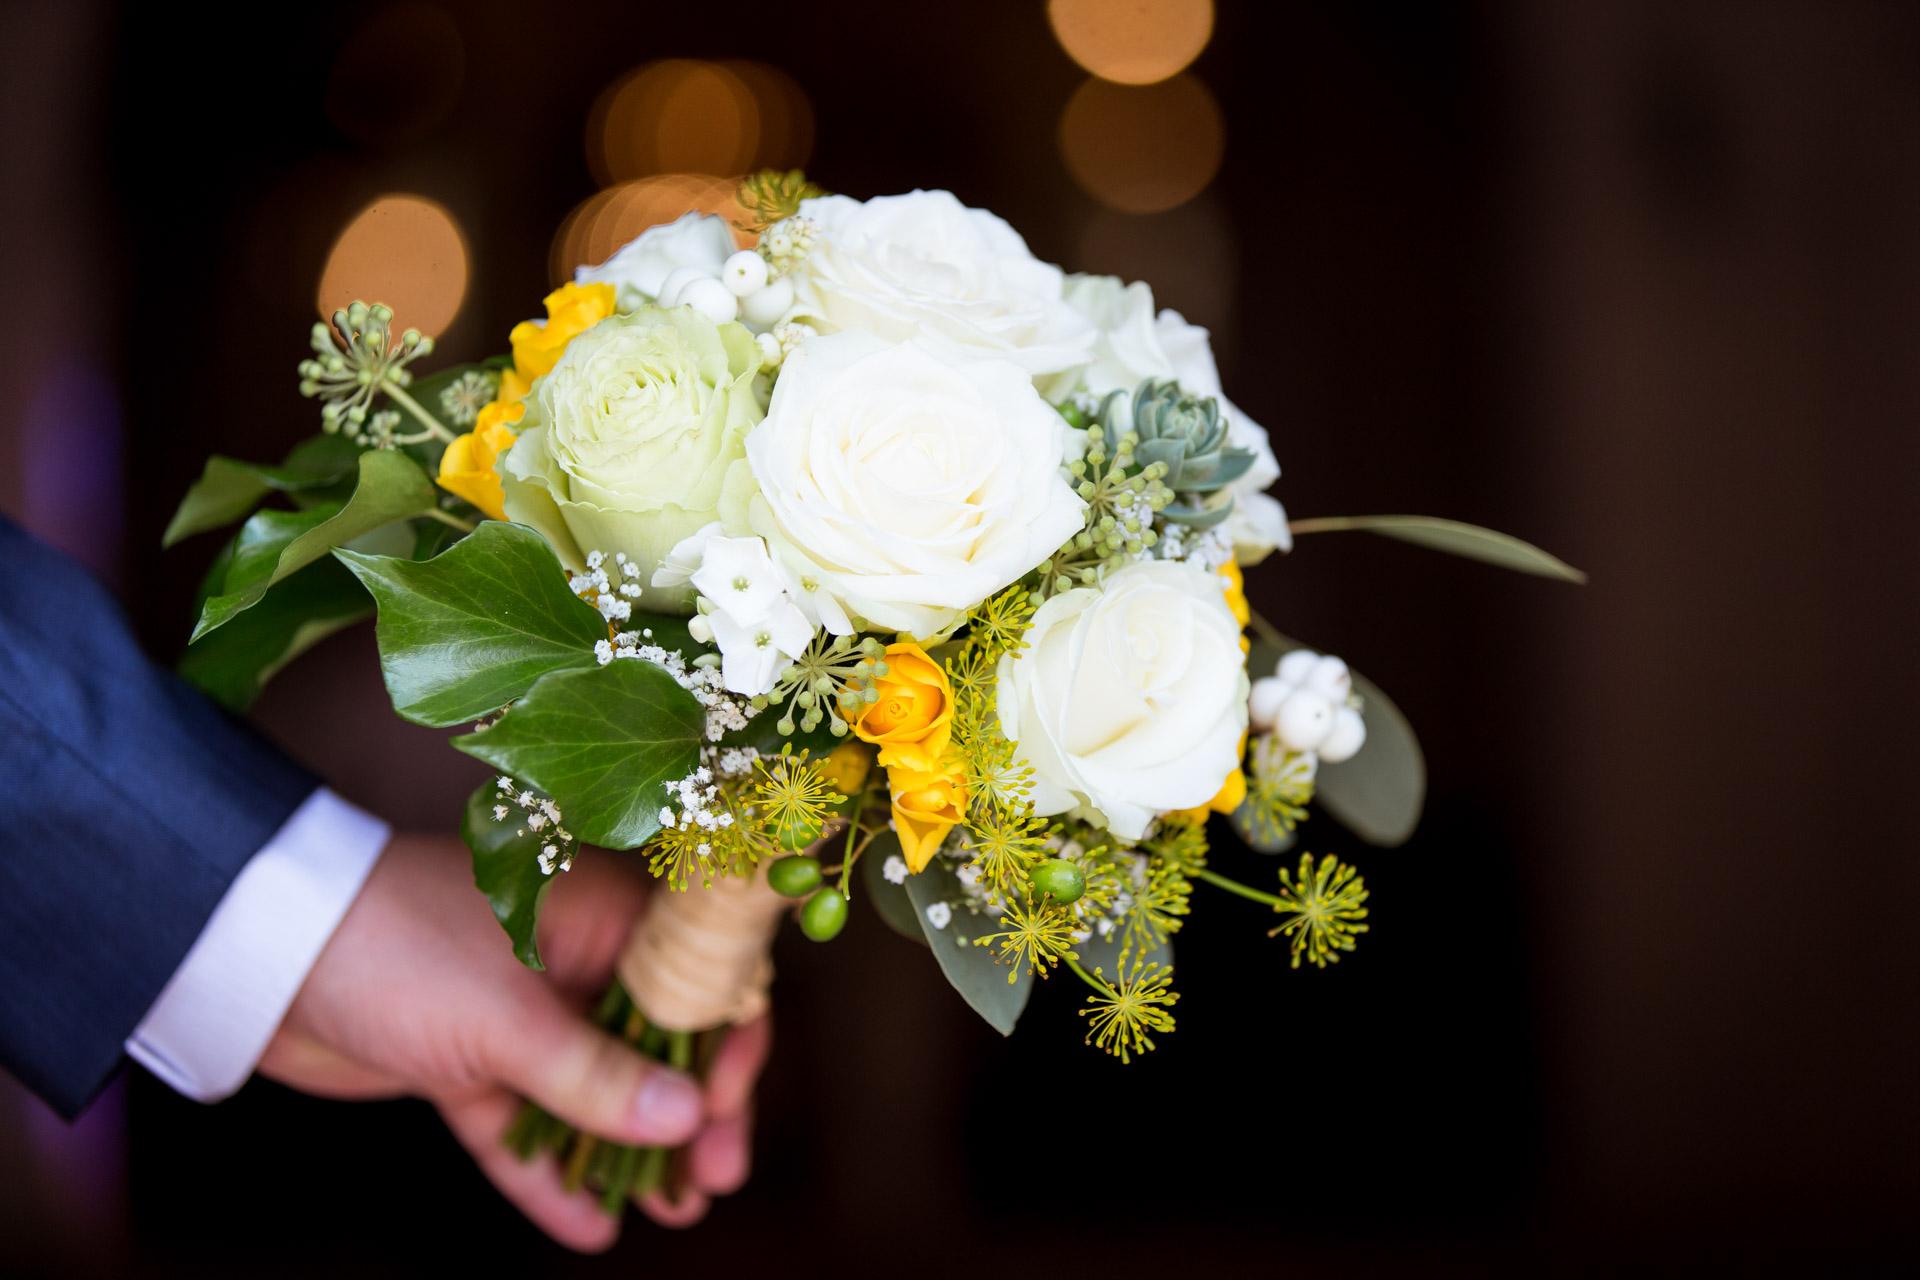 gros plan du bouquet de fleur